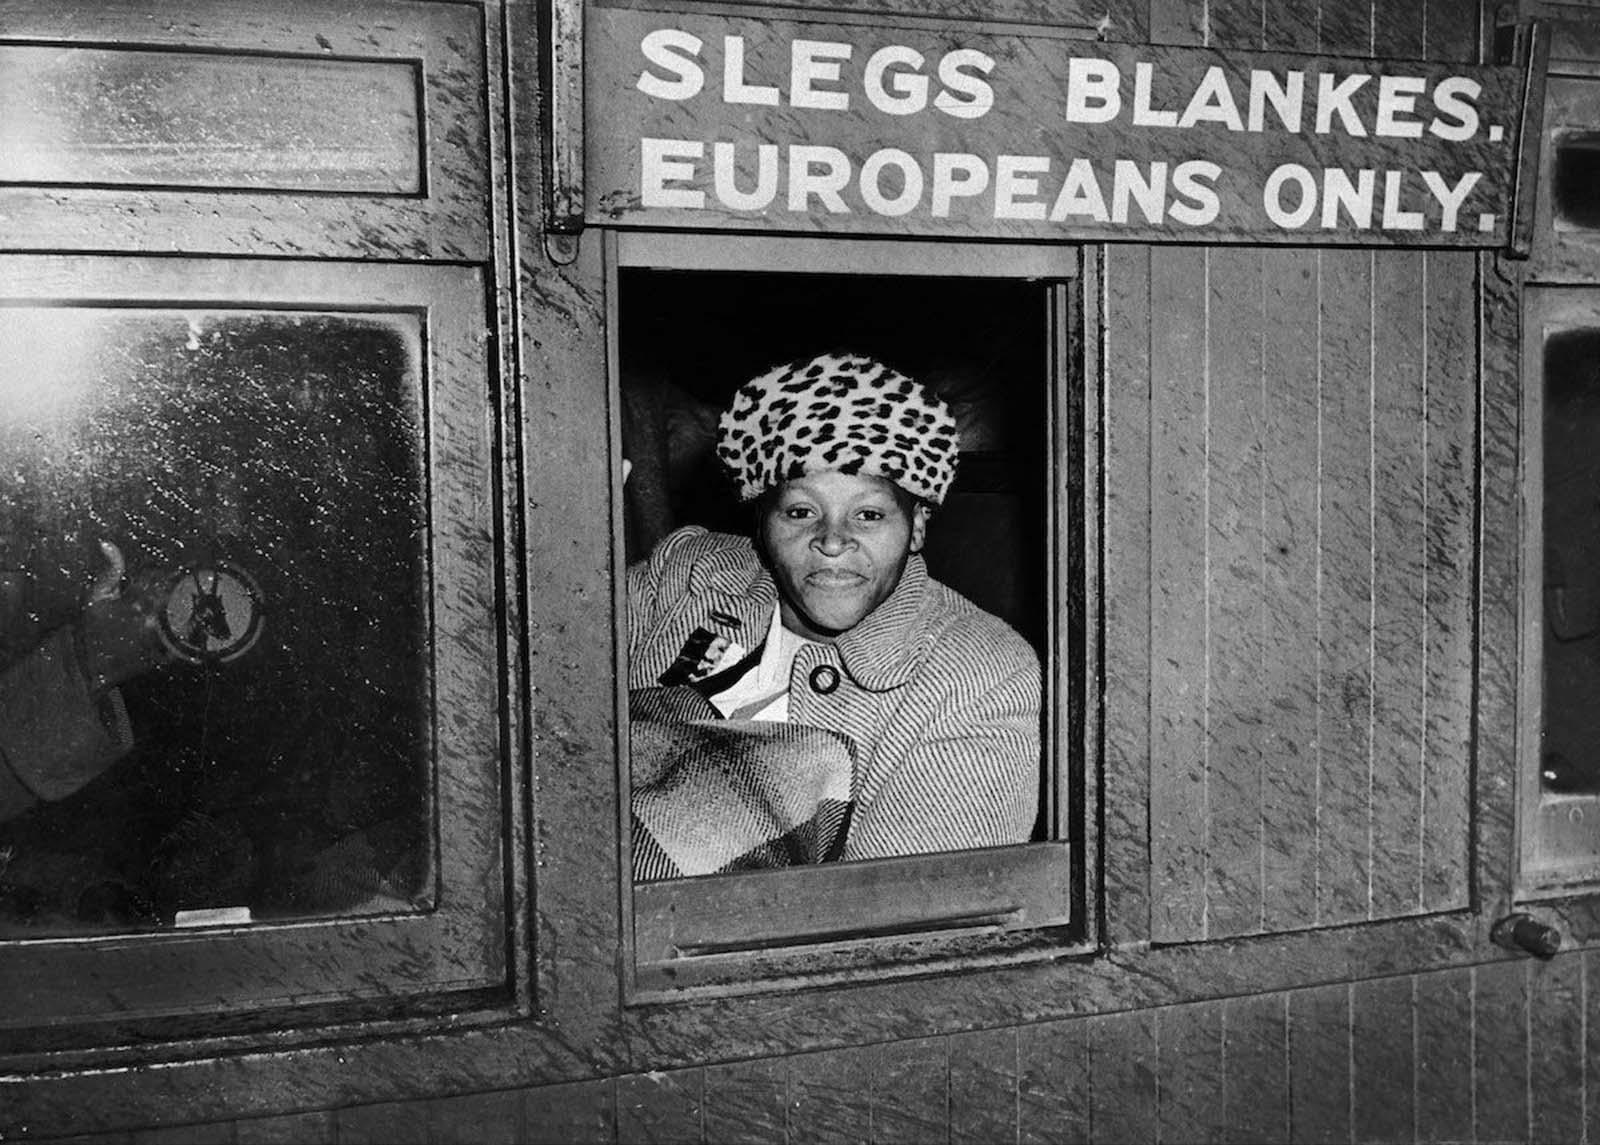 <p>1952, Жена се качва във вагон &quot;само за бели&quot; в знак на протест.</p>